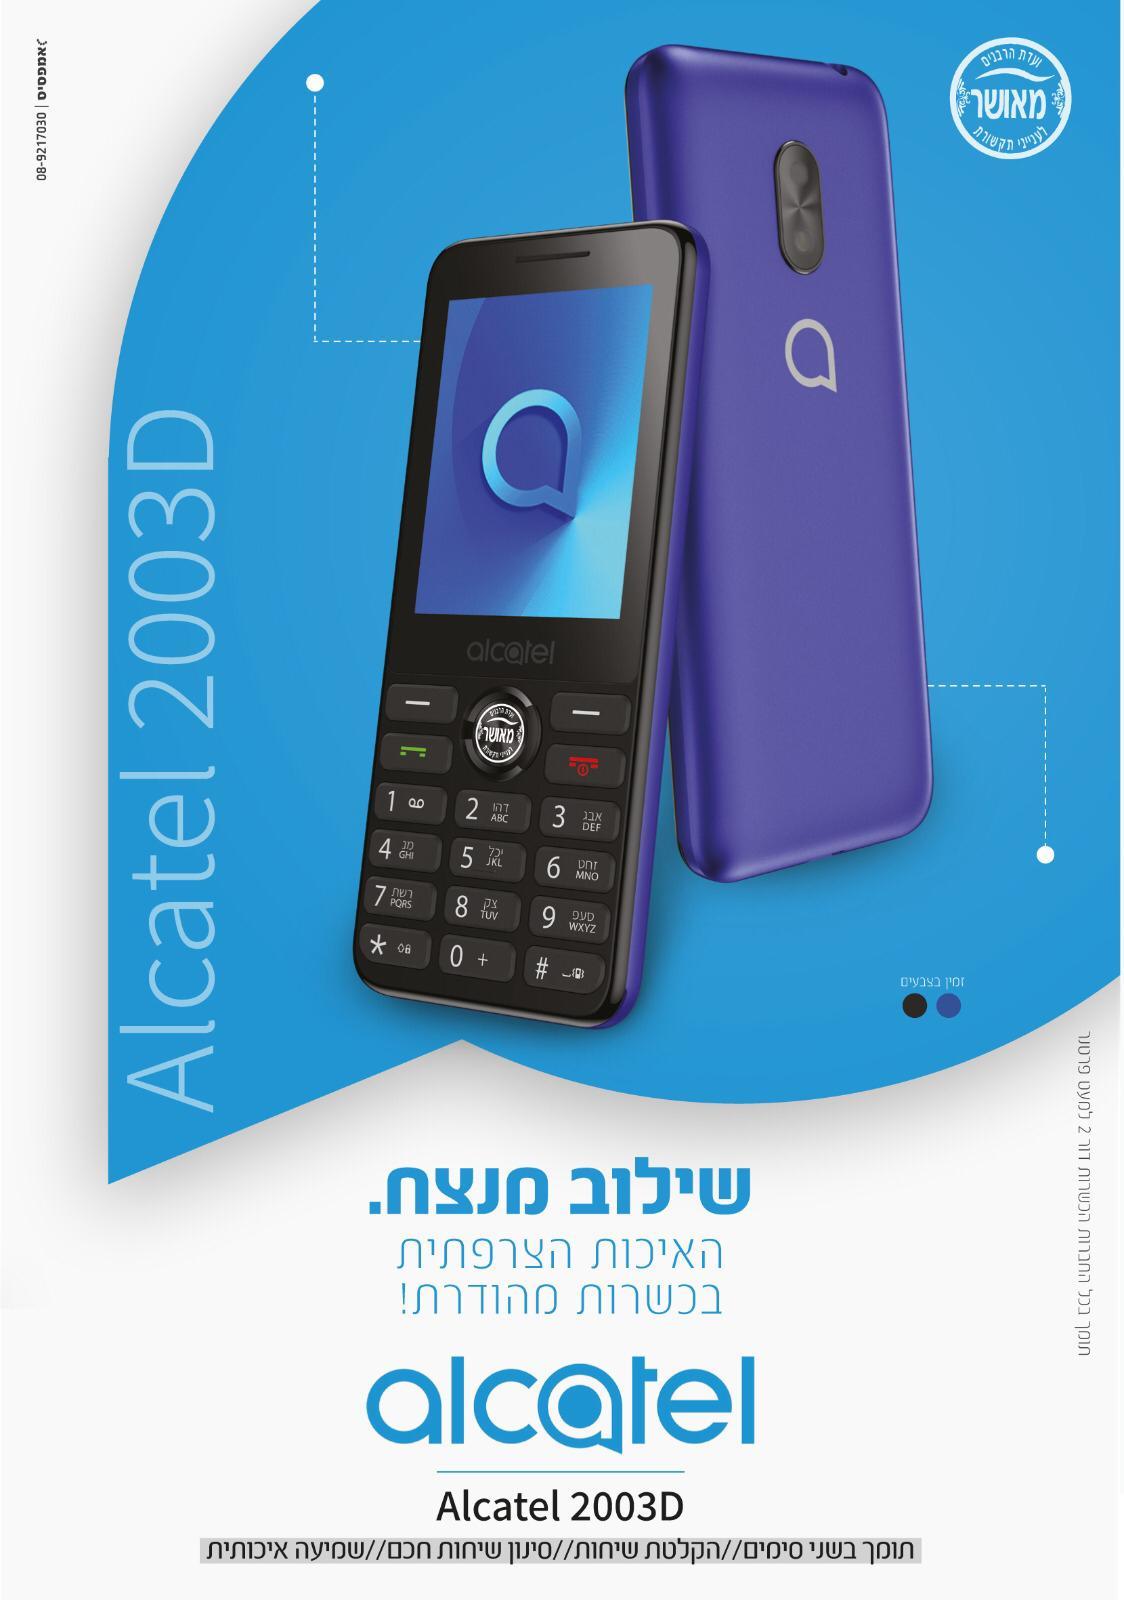 חדש! מכשיר אלקטל Alcatel דגם 2003D דור 2G